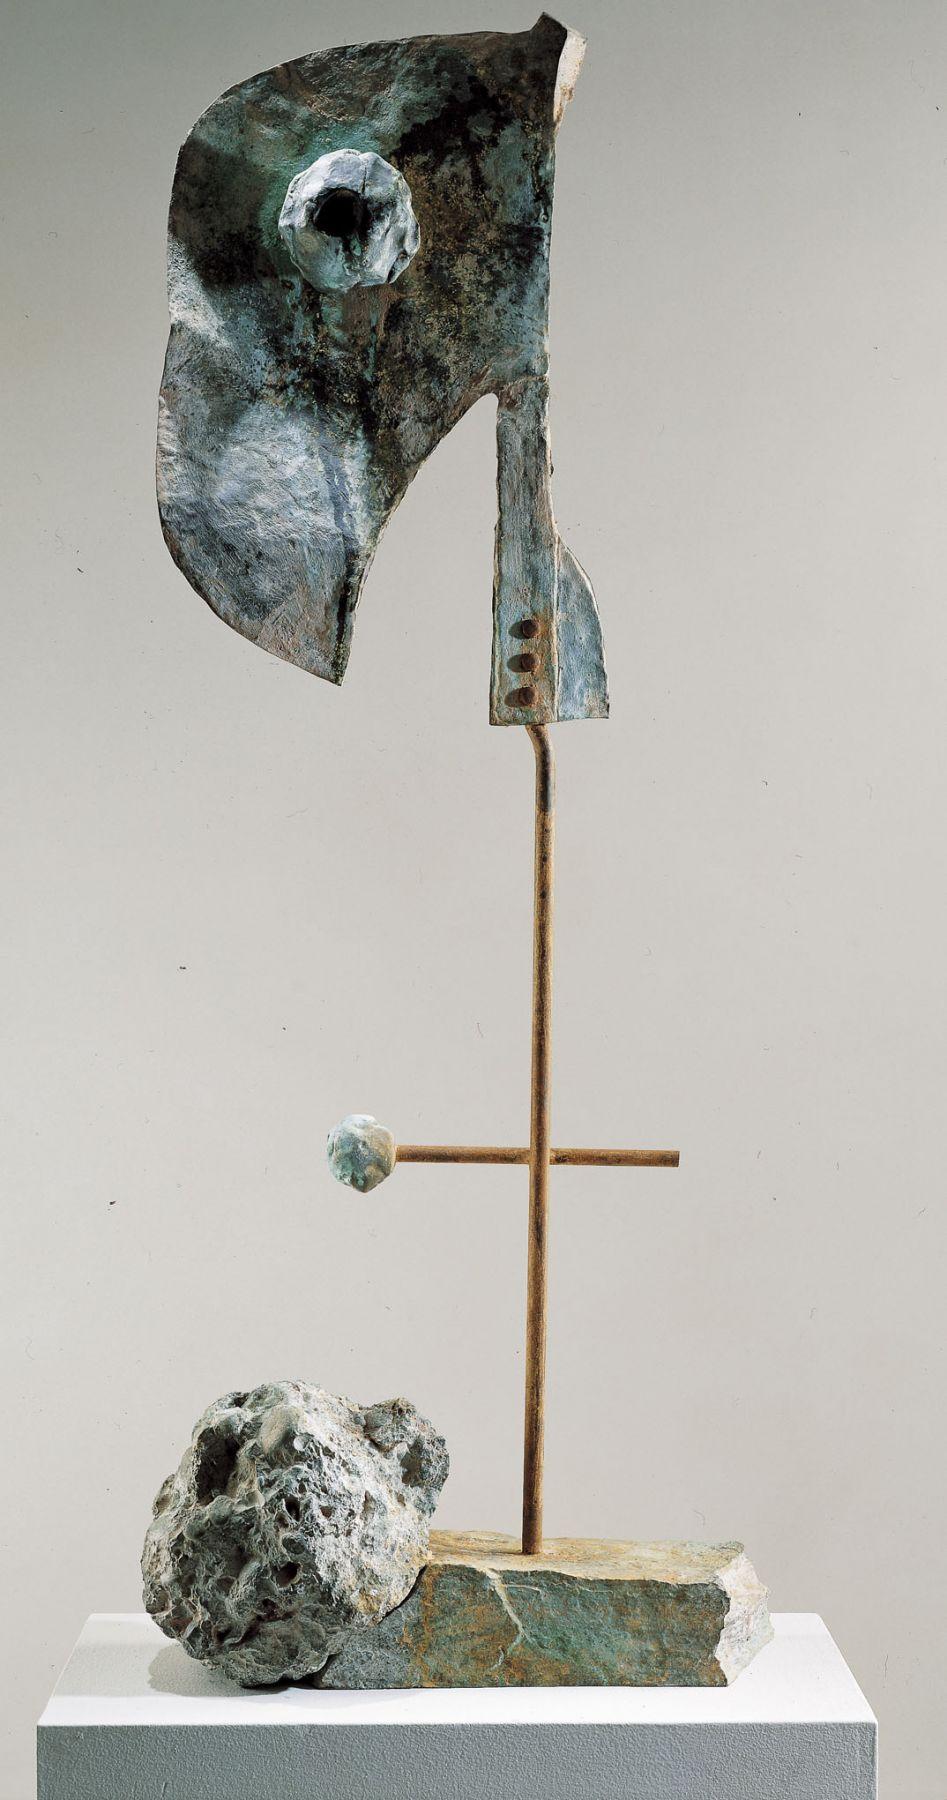 Joan Miró, Figure, 1981